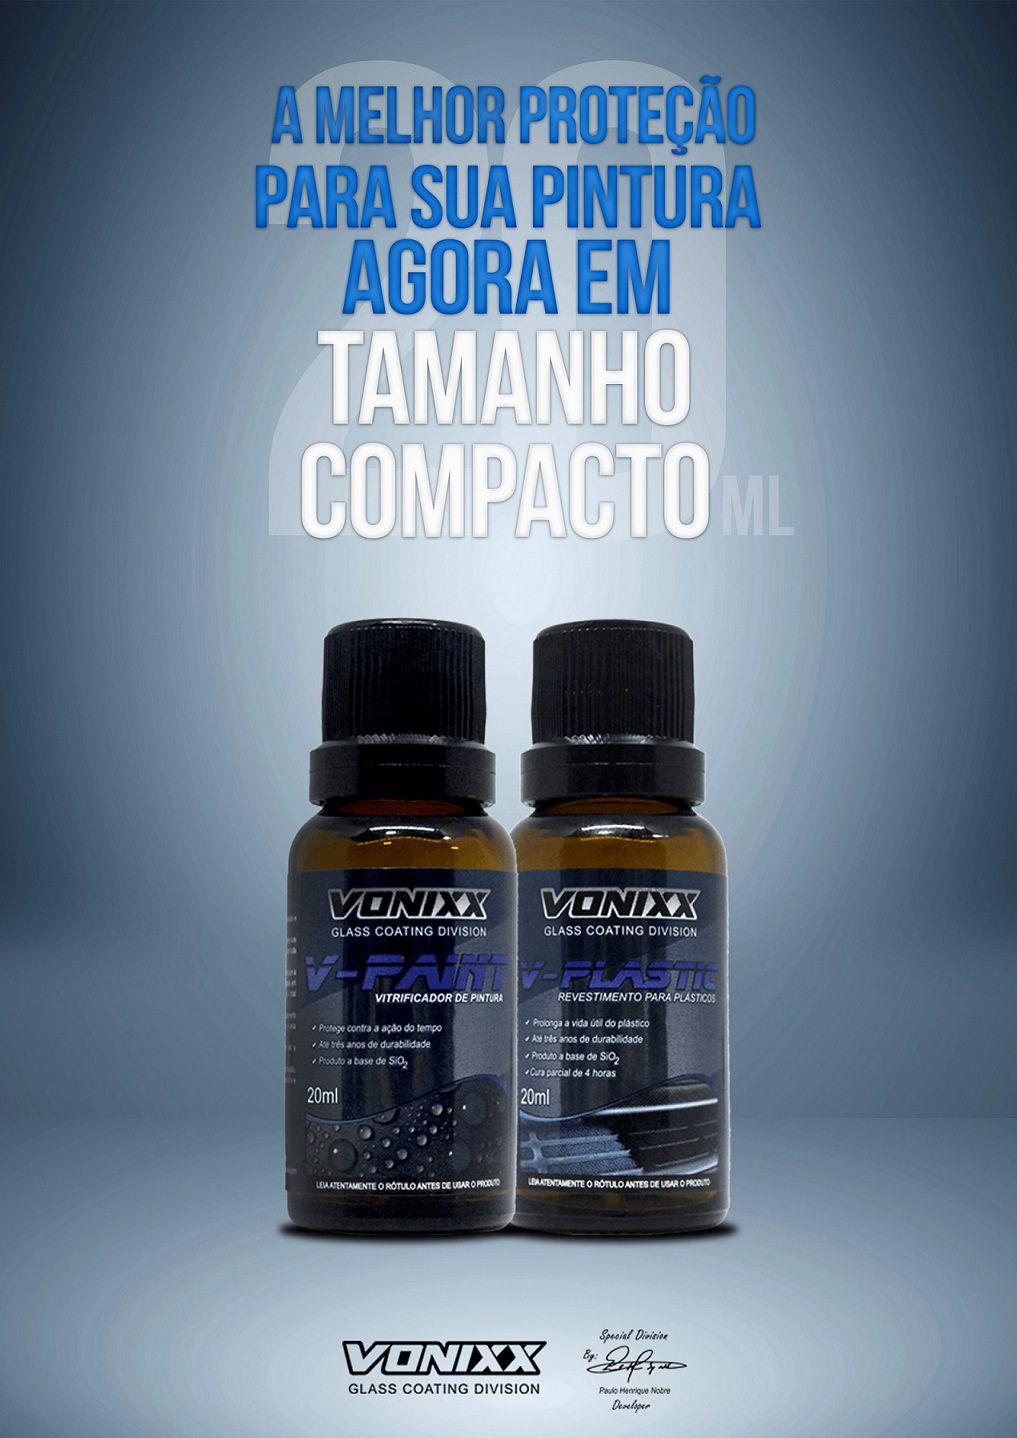 Kit c/ 03 produtos conforme descrição JUNIORCIPRIANO